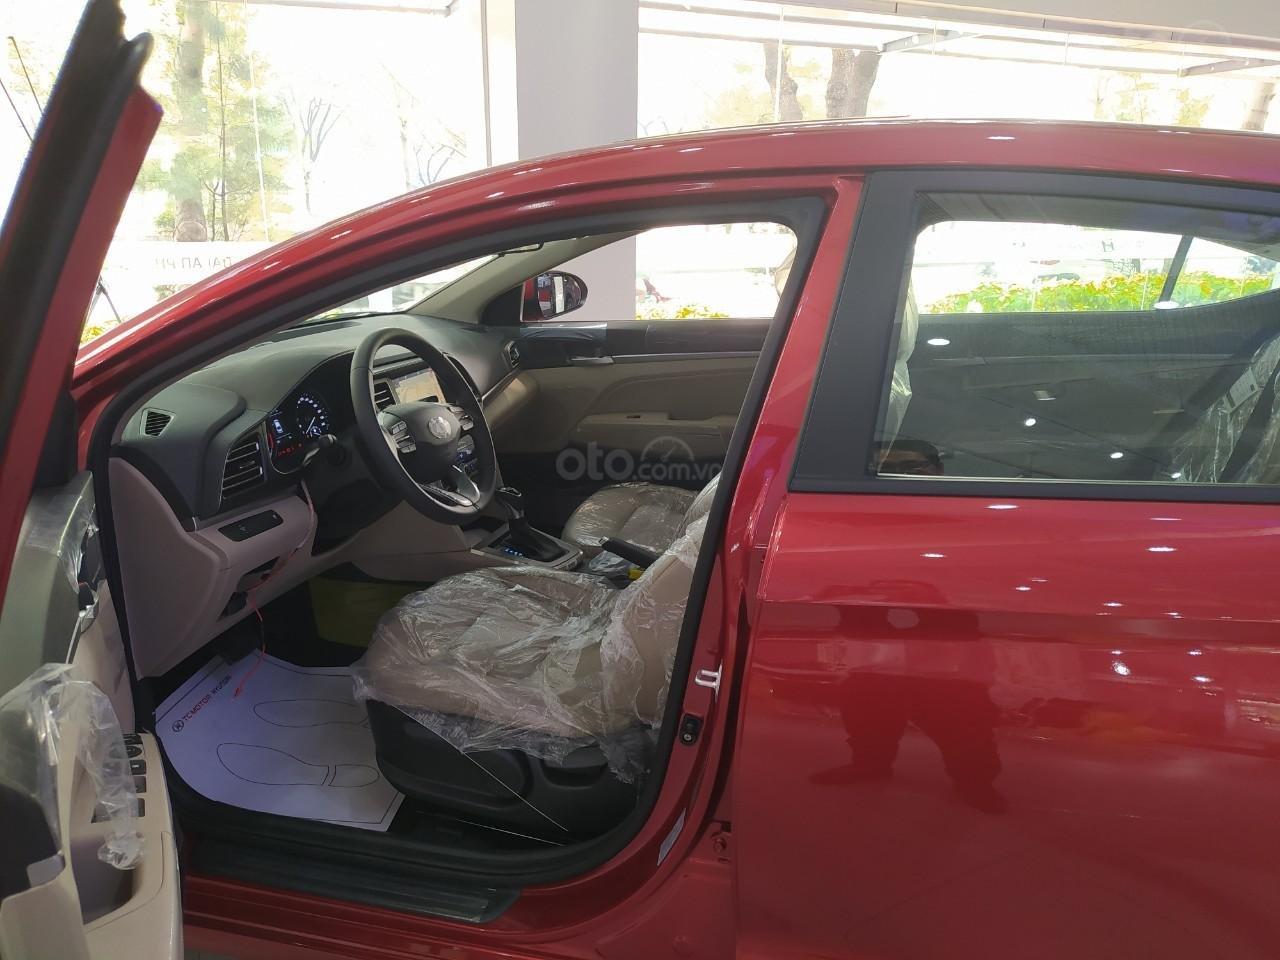 Hyundai An Phú bán Hyundai Elantra giá tốt, góp 90%, xe giao ngay, liên hệ Mr Nghĩa để được hỗ trợ tốt nhất (3)